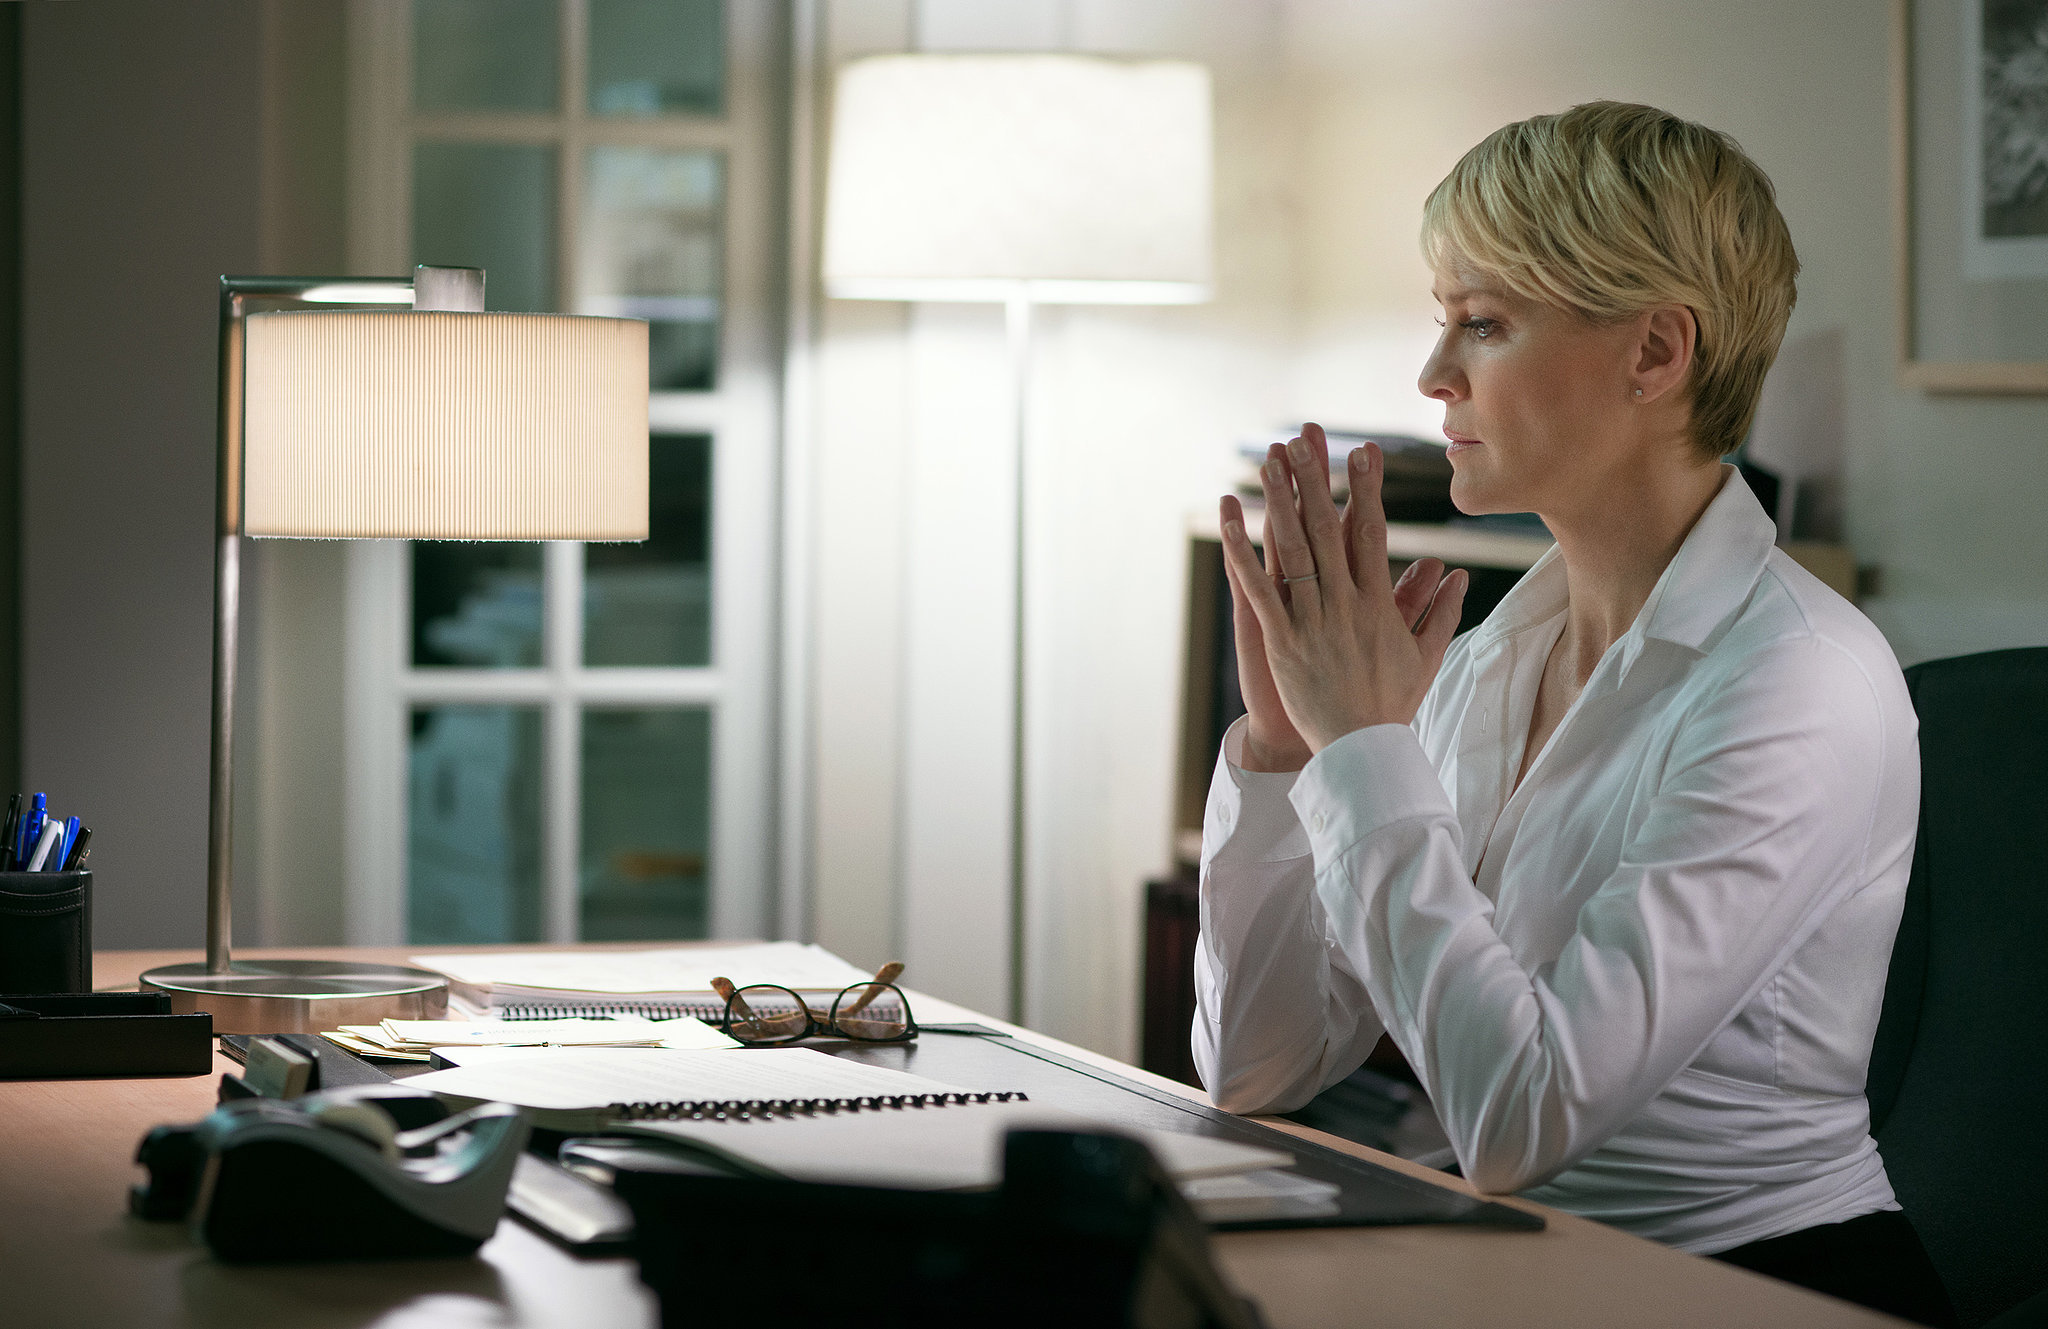 Английский для бизнеса: Все секреты для успешного изучения